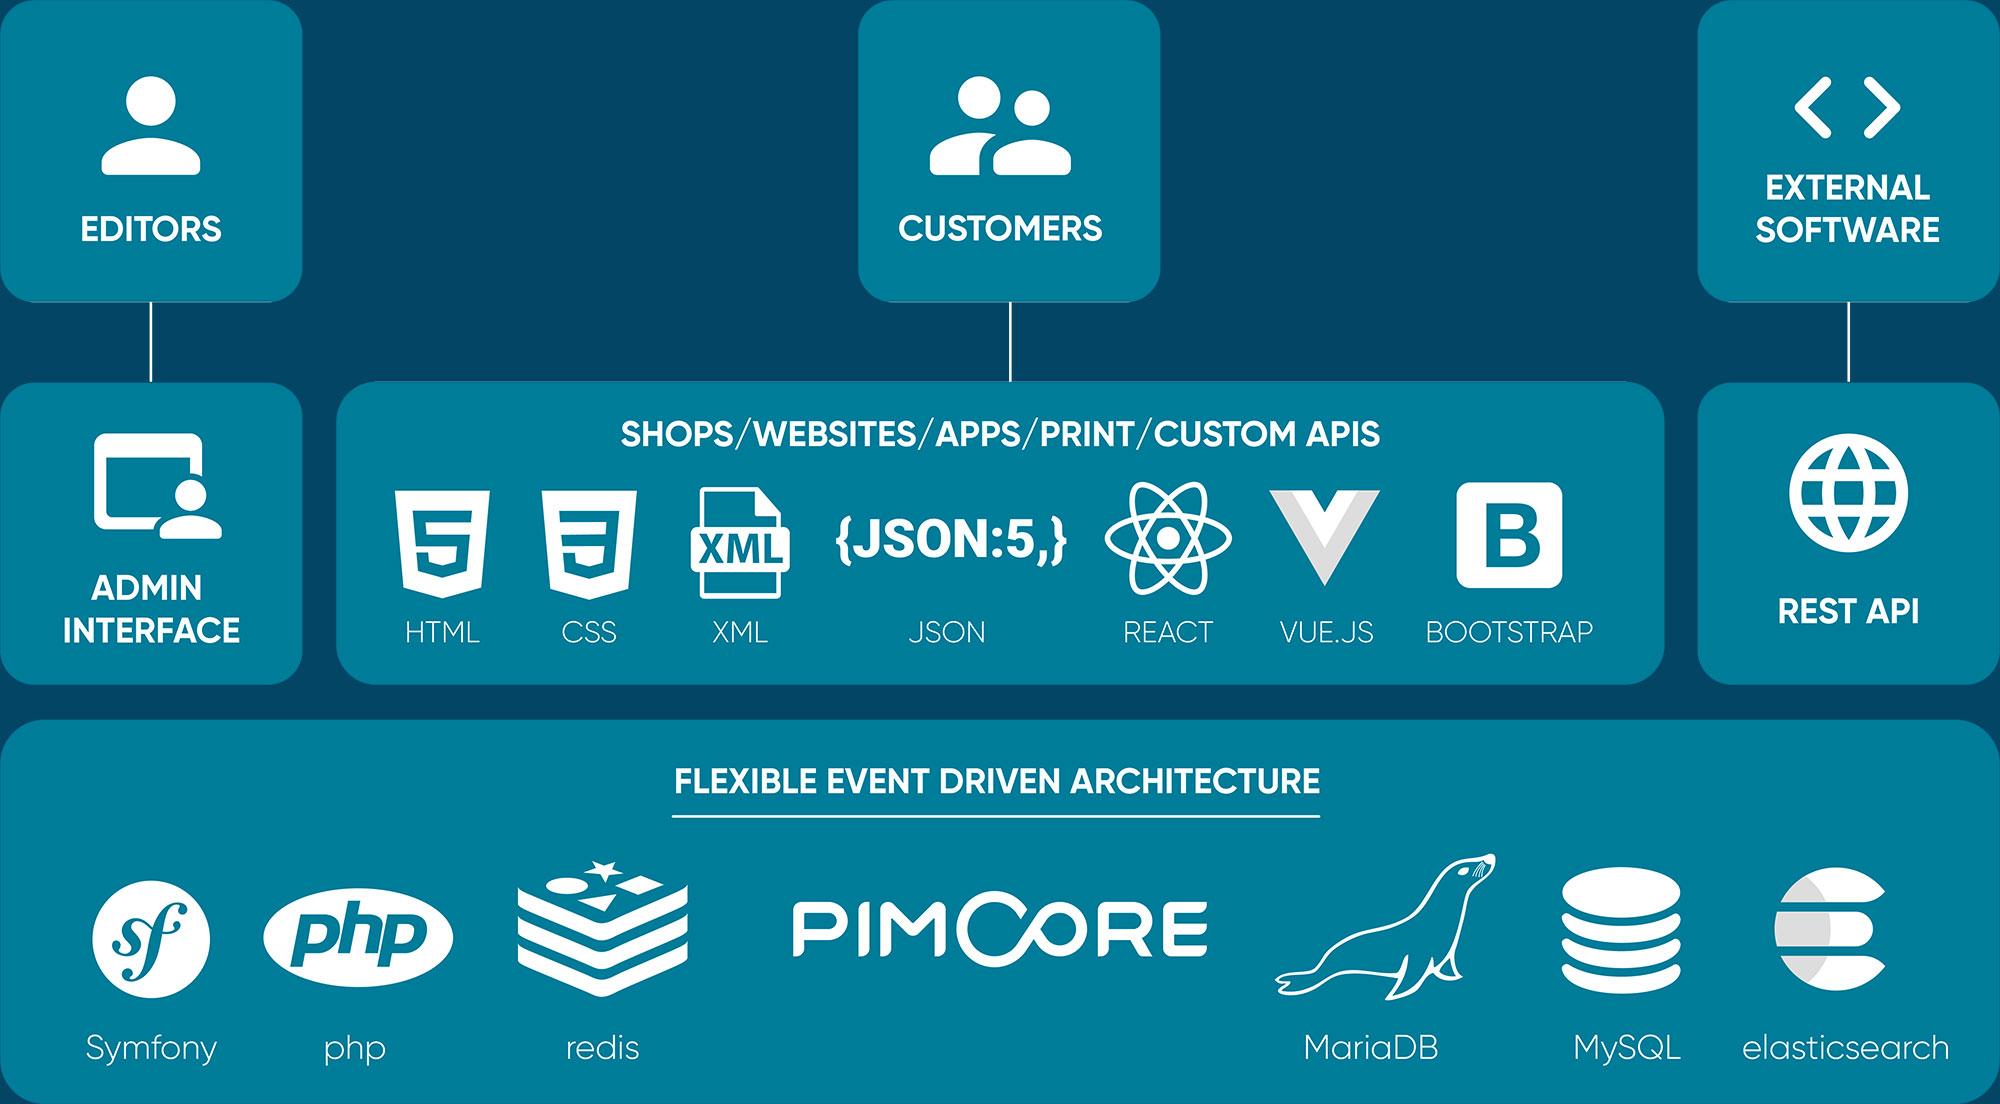 PimCore API Architectur